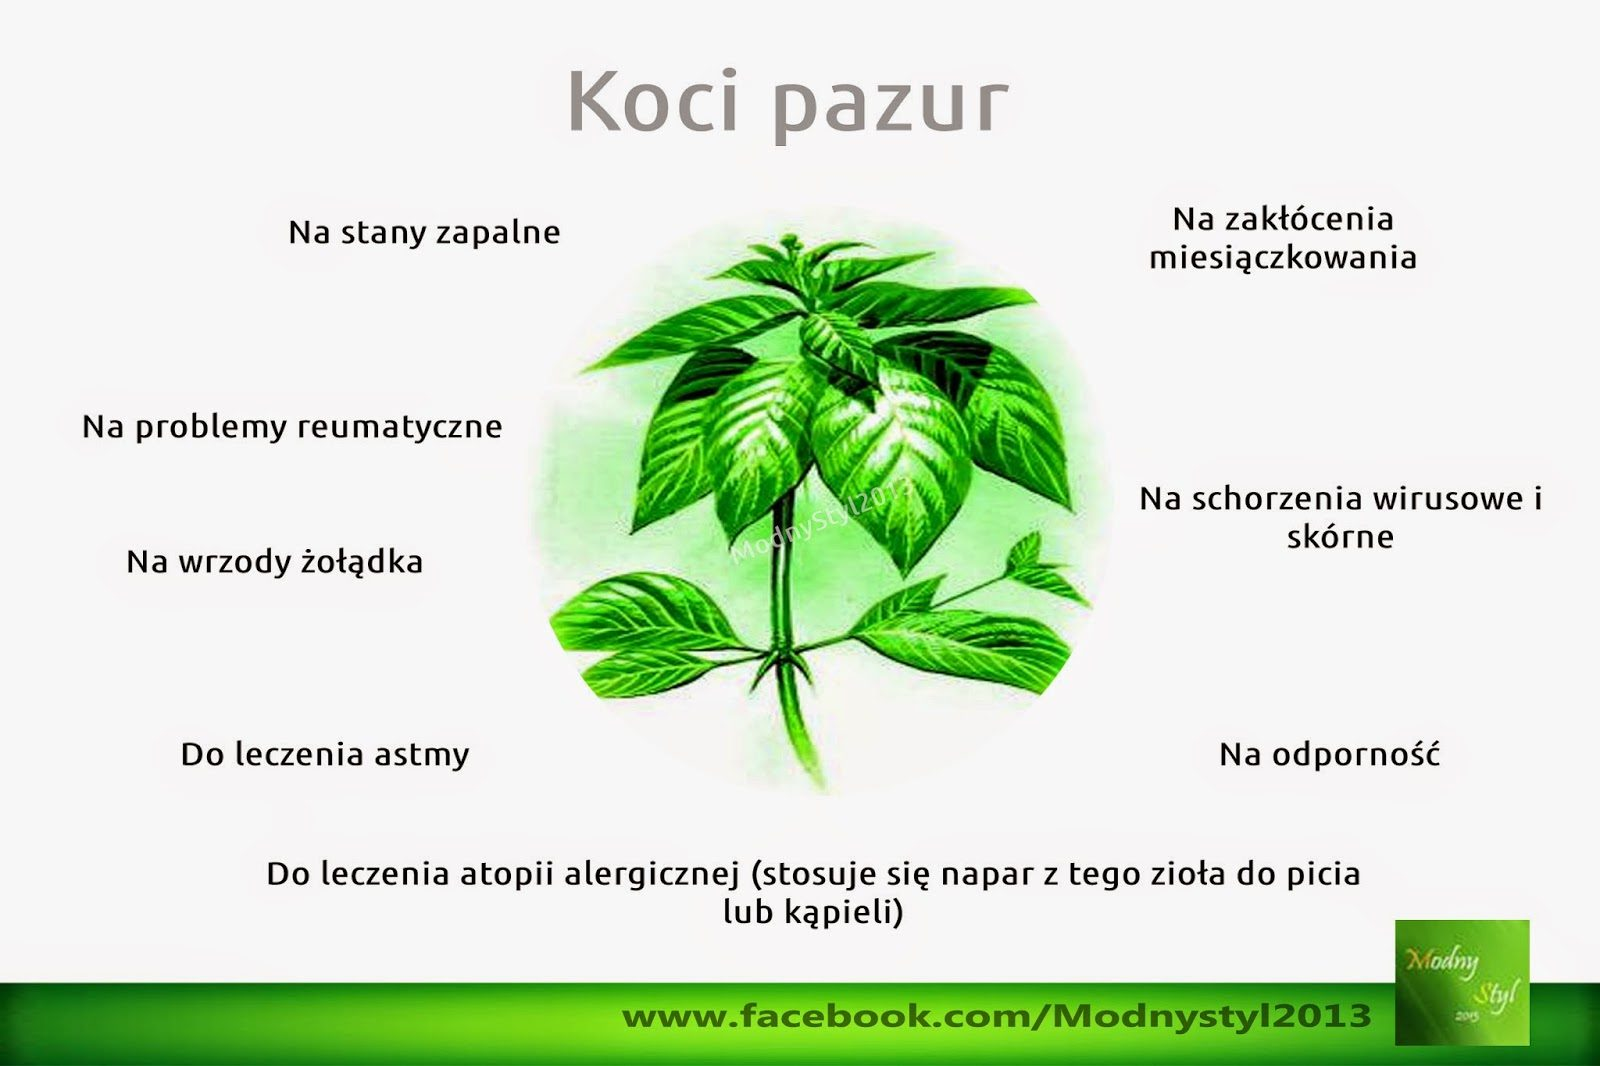 koci2bpazur-8202428